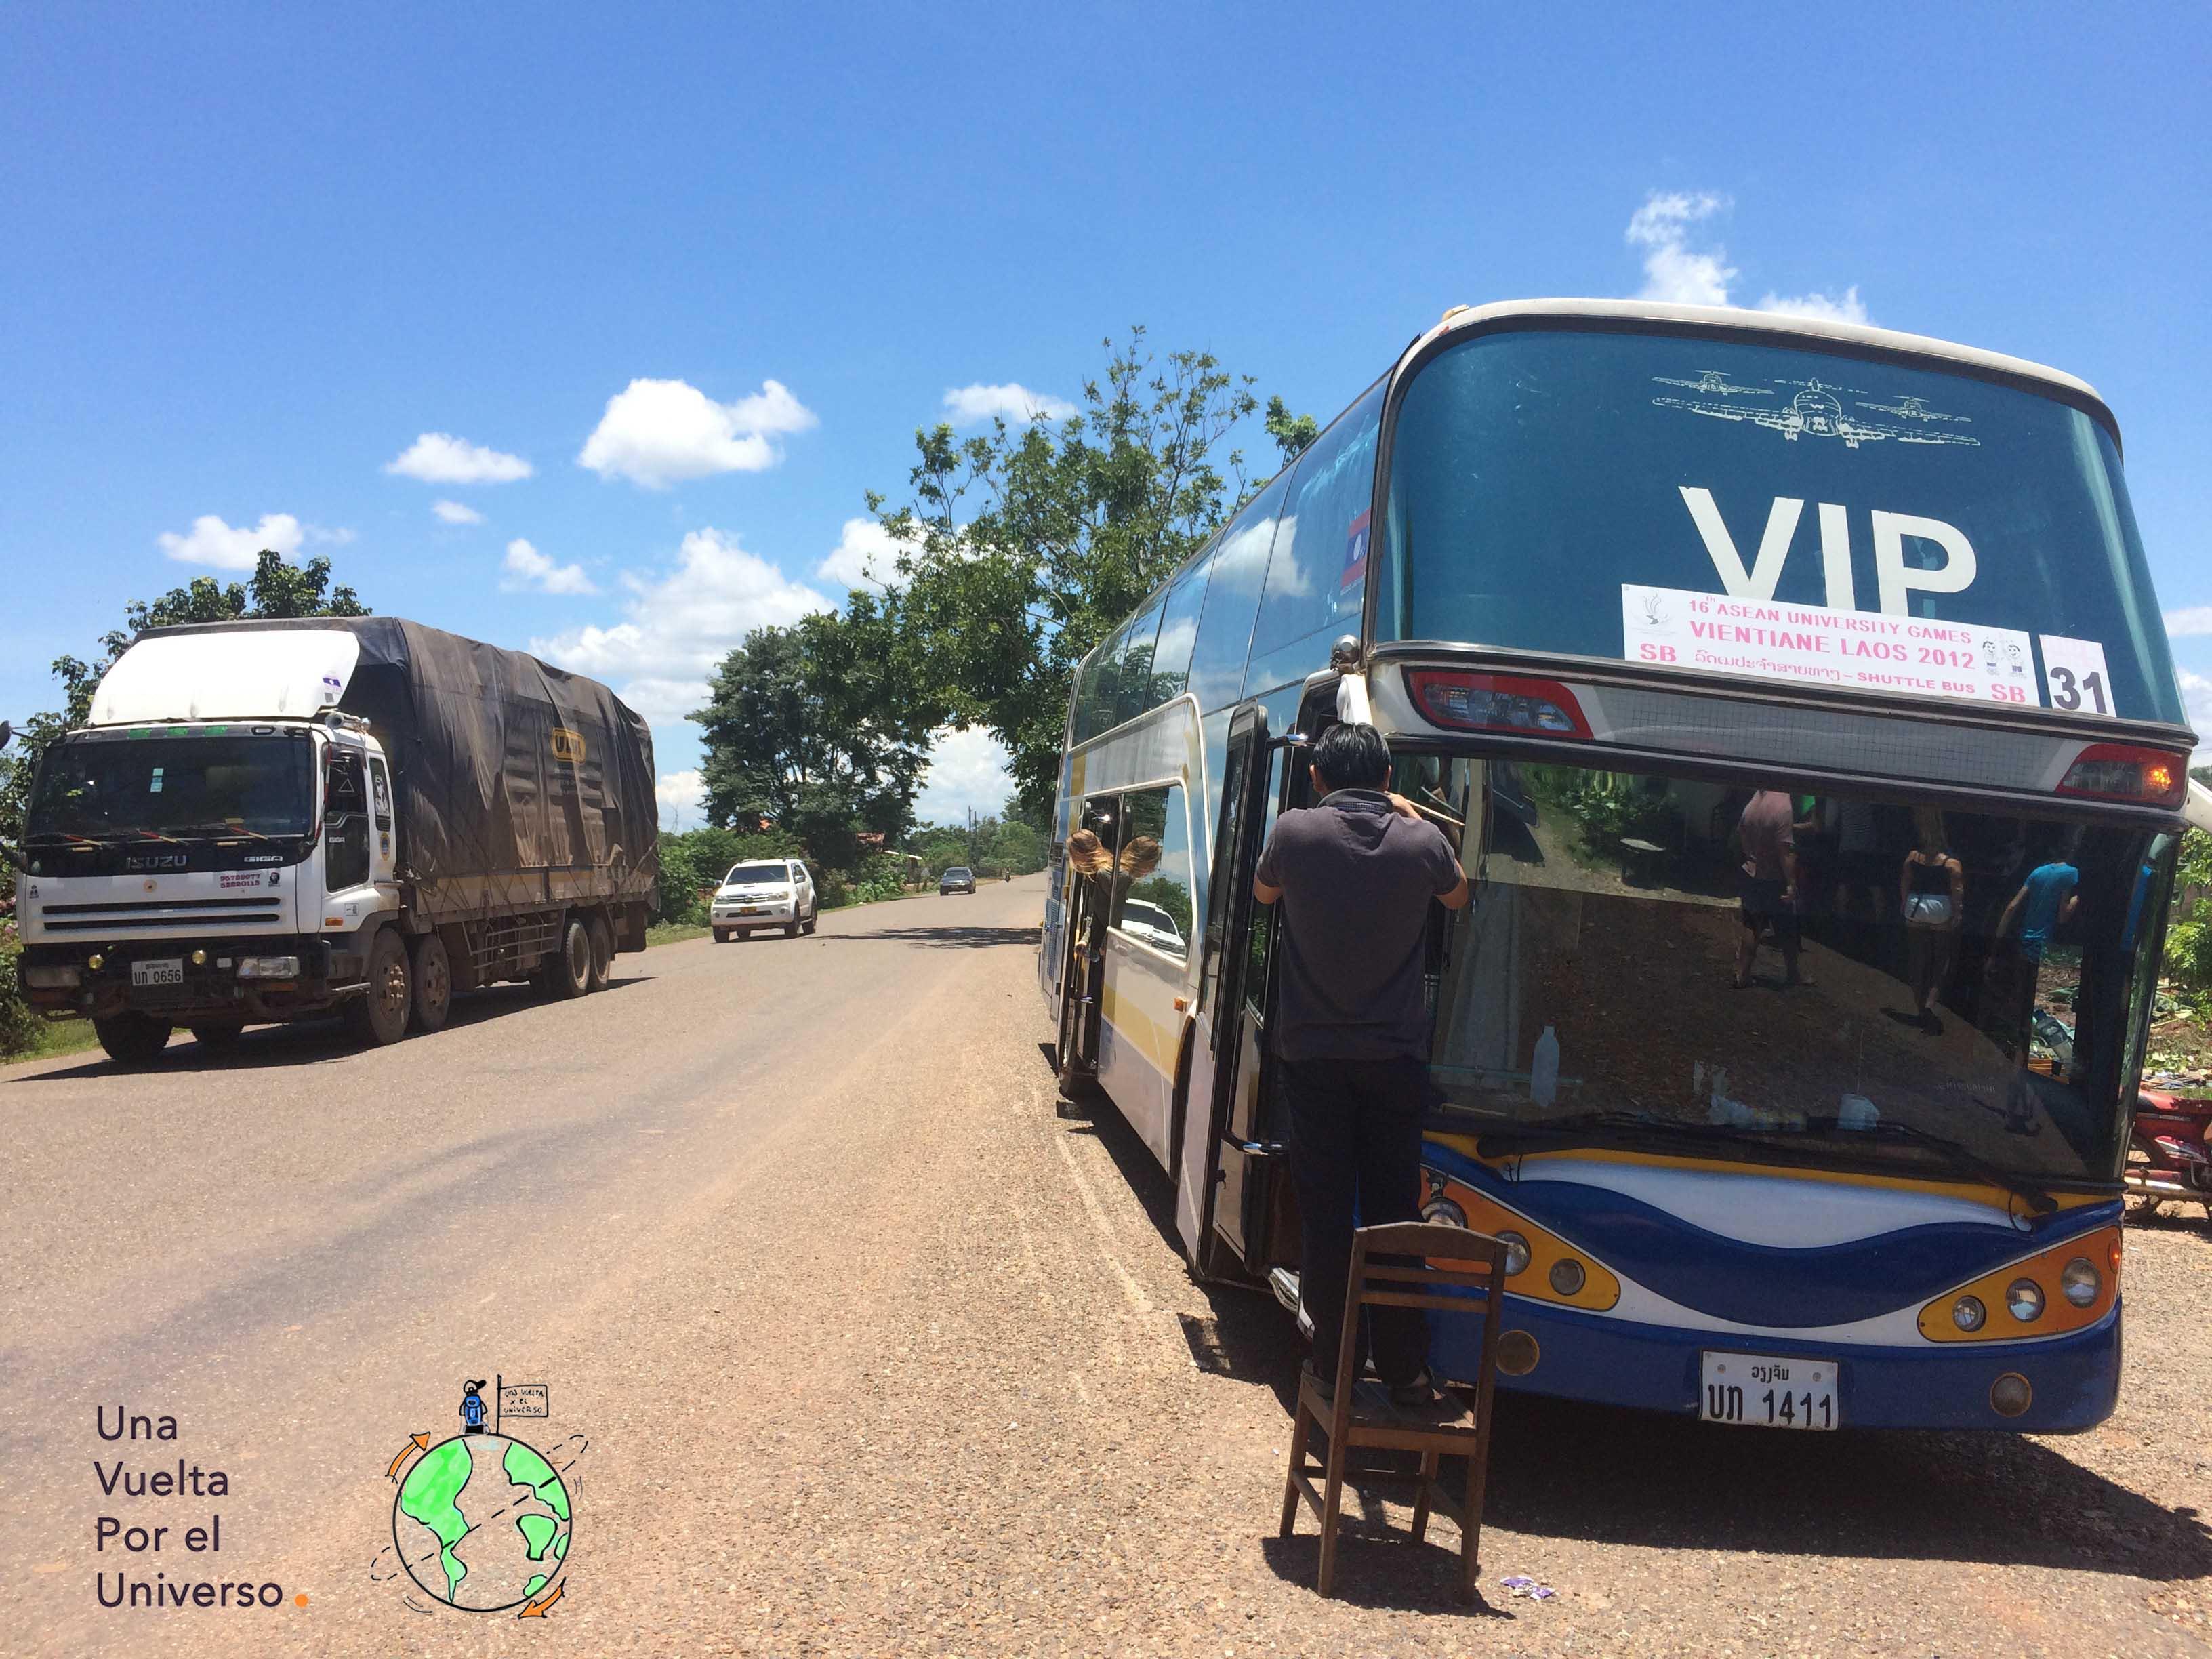 Los buses VIP estan por todo el Sudeste Asiático